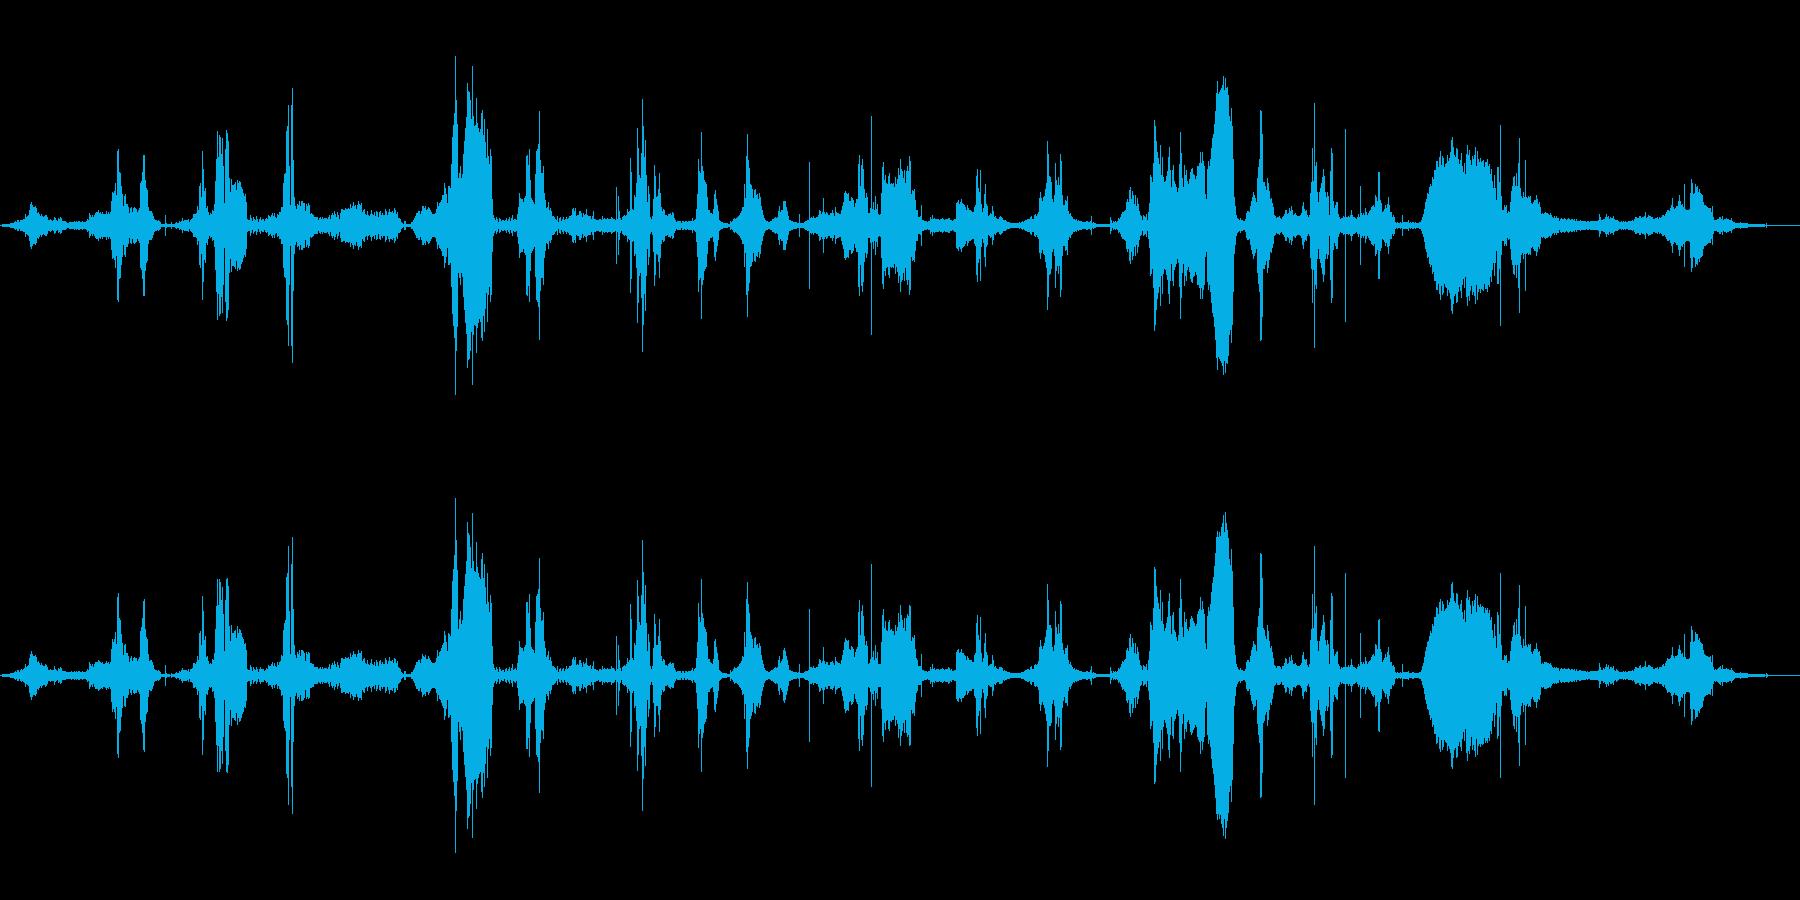 ラジオチューニング音 の再生済みの波形